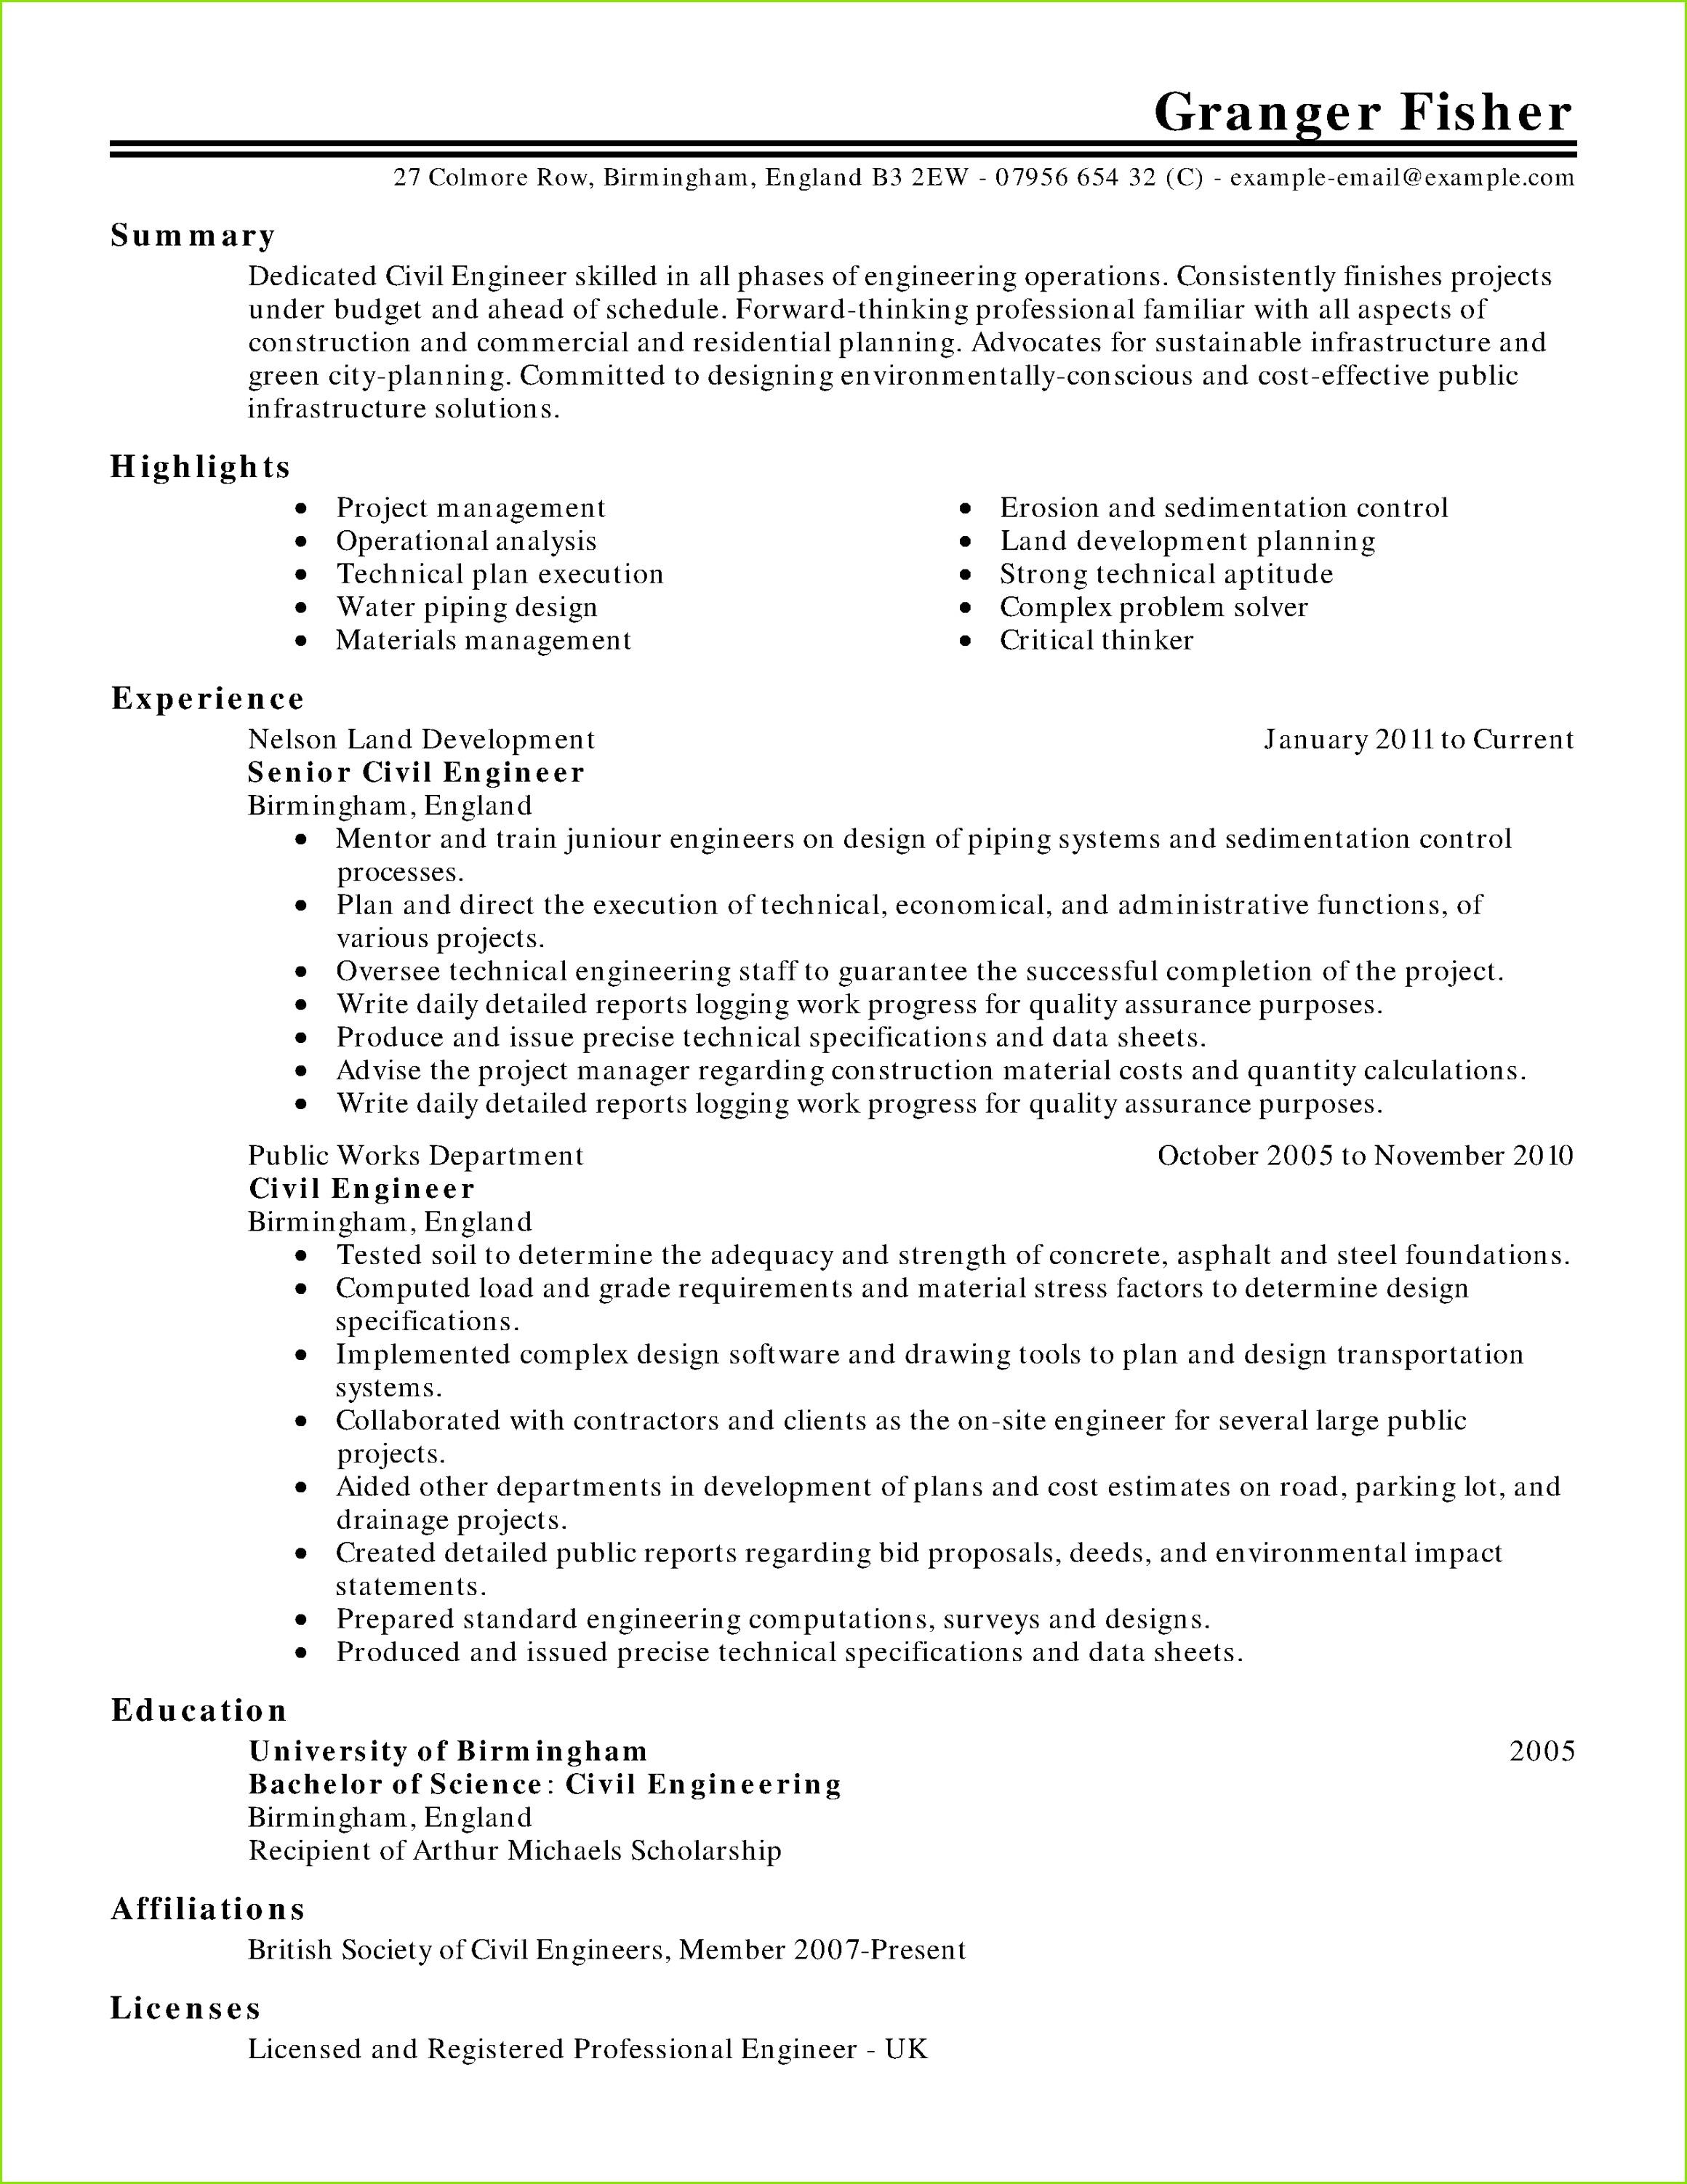 Einnahmen überschuss Rechnung Vorlage Die Besten Dreamweaver Vorlagen Druckbare Einnahmen überschuss Rechnung Vorlage